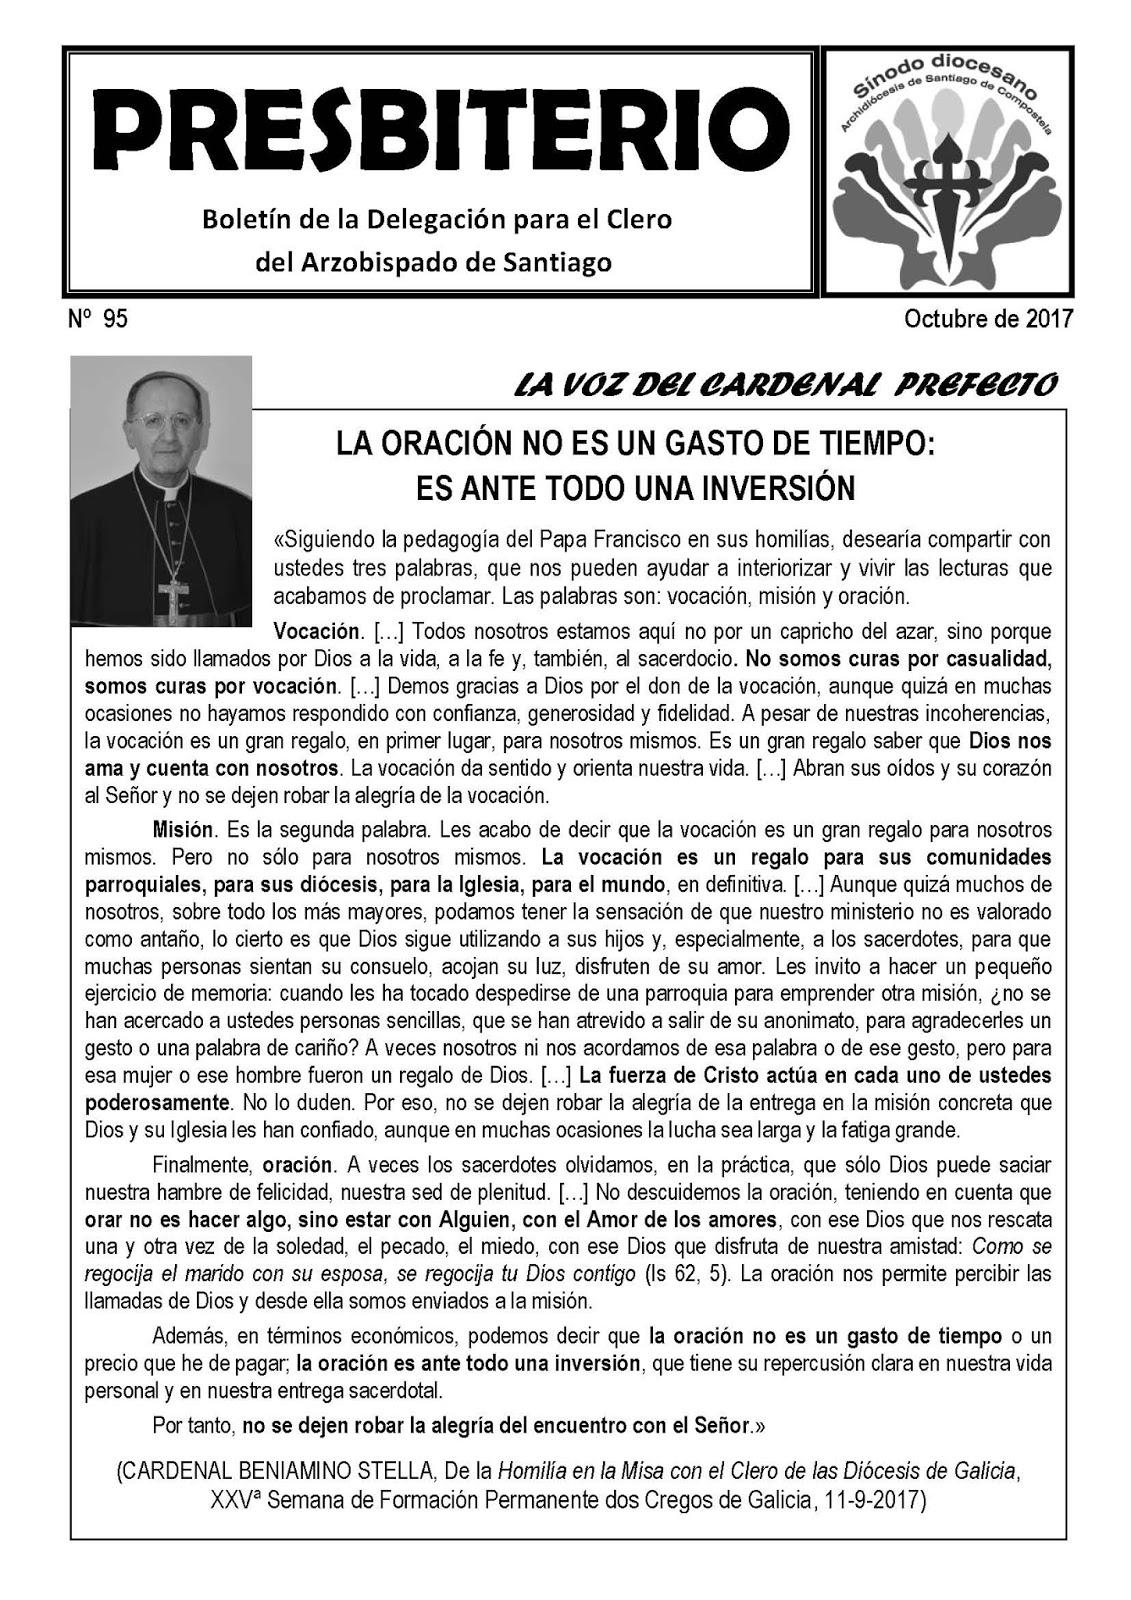 https://www.dropbox.com/s/uw9tozhe5kyyfpz/Presbiterio_95.pdf?dl=0